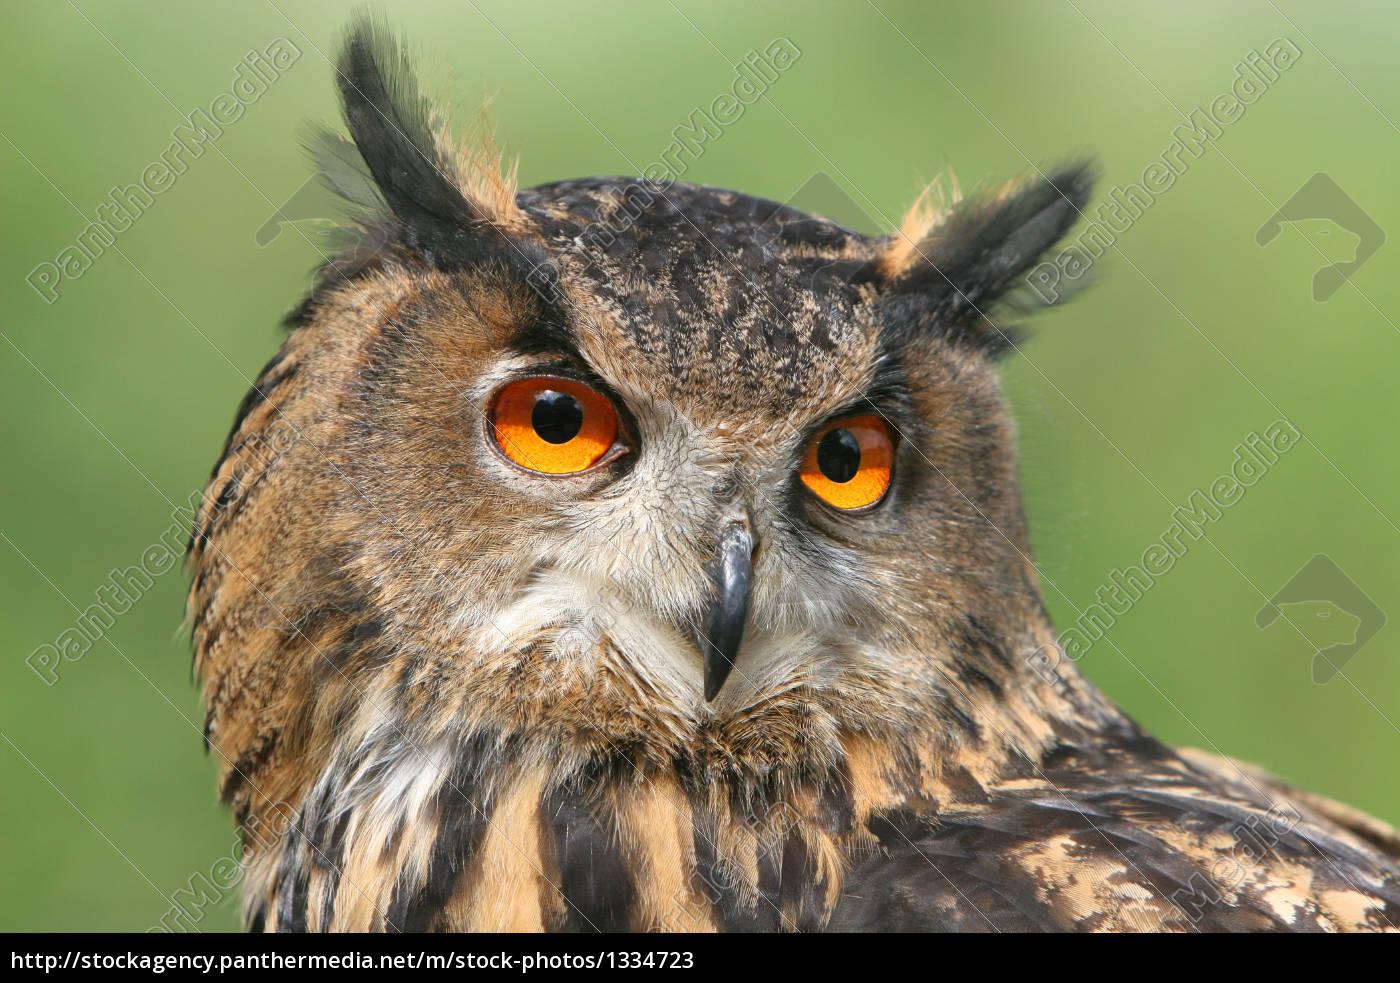 eagle, owl - 1334723